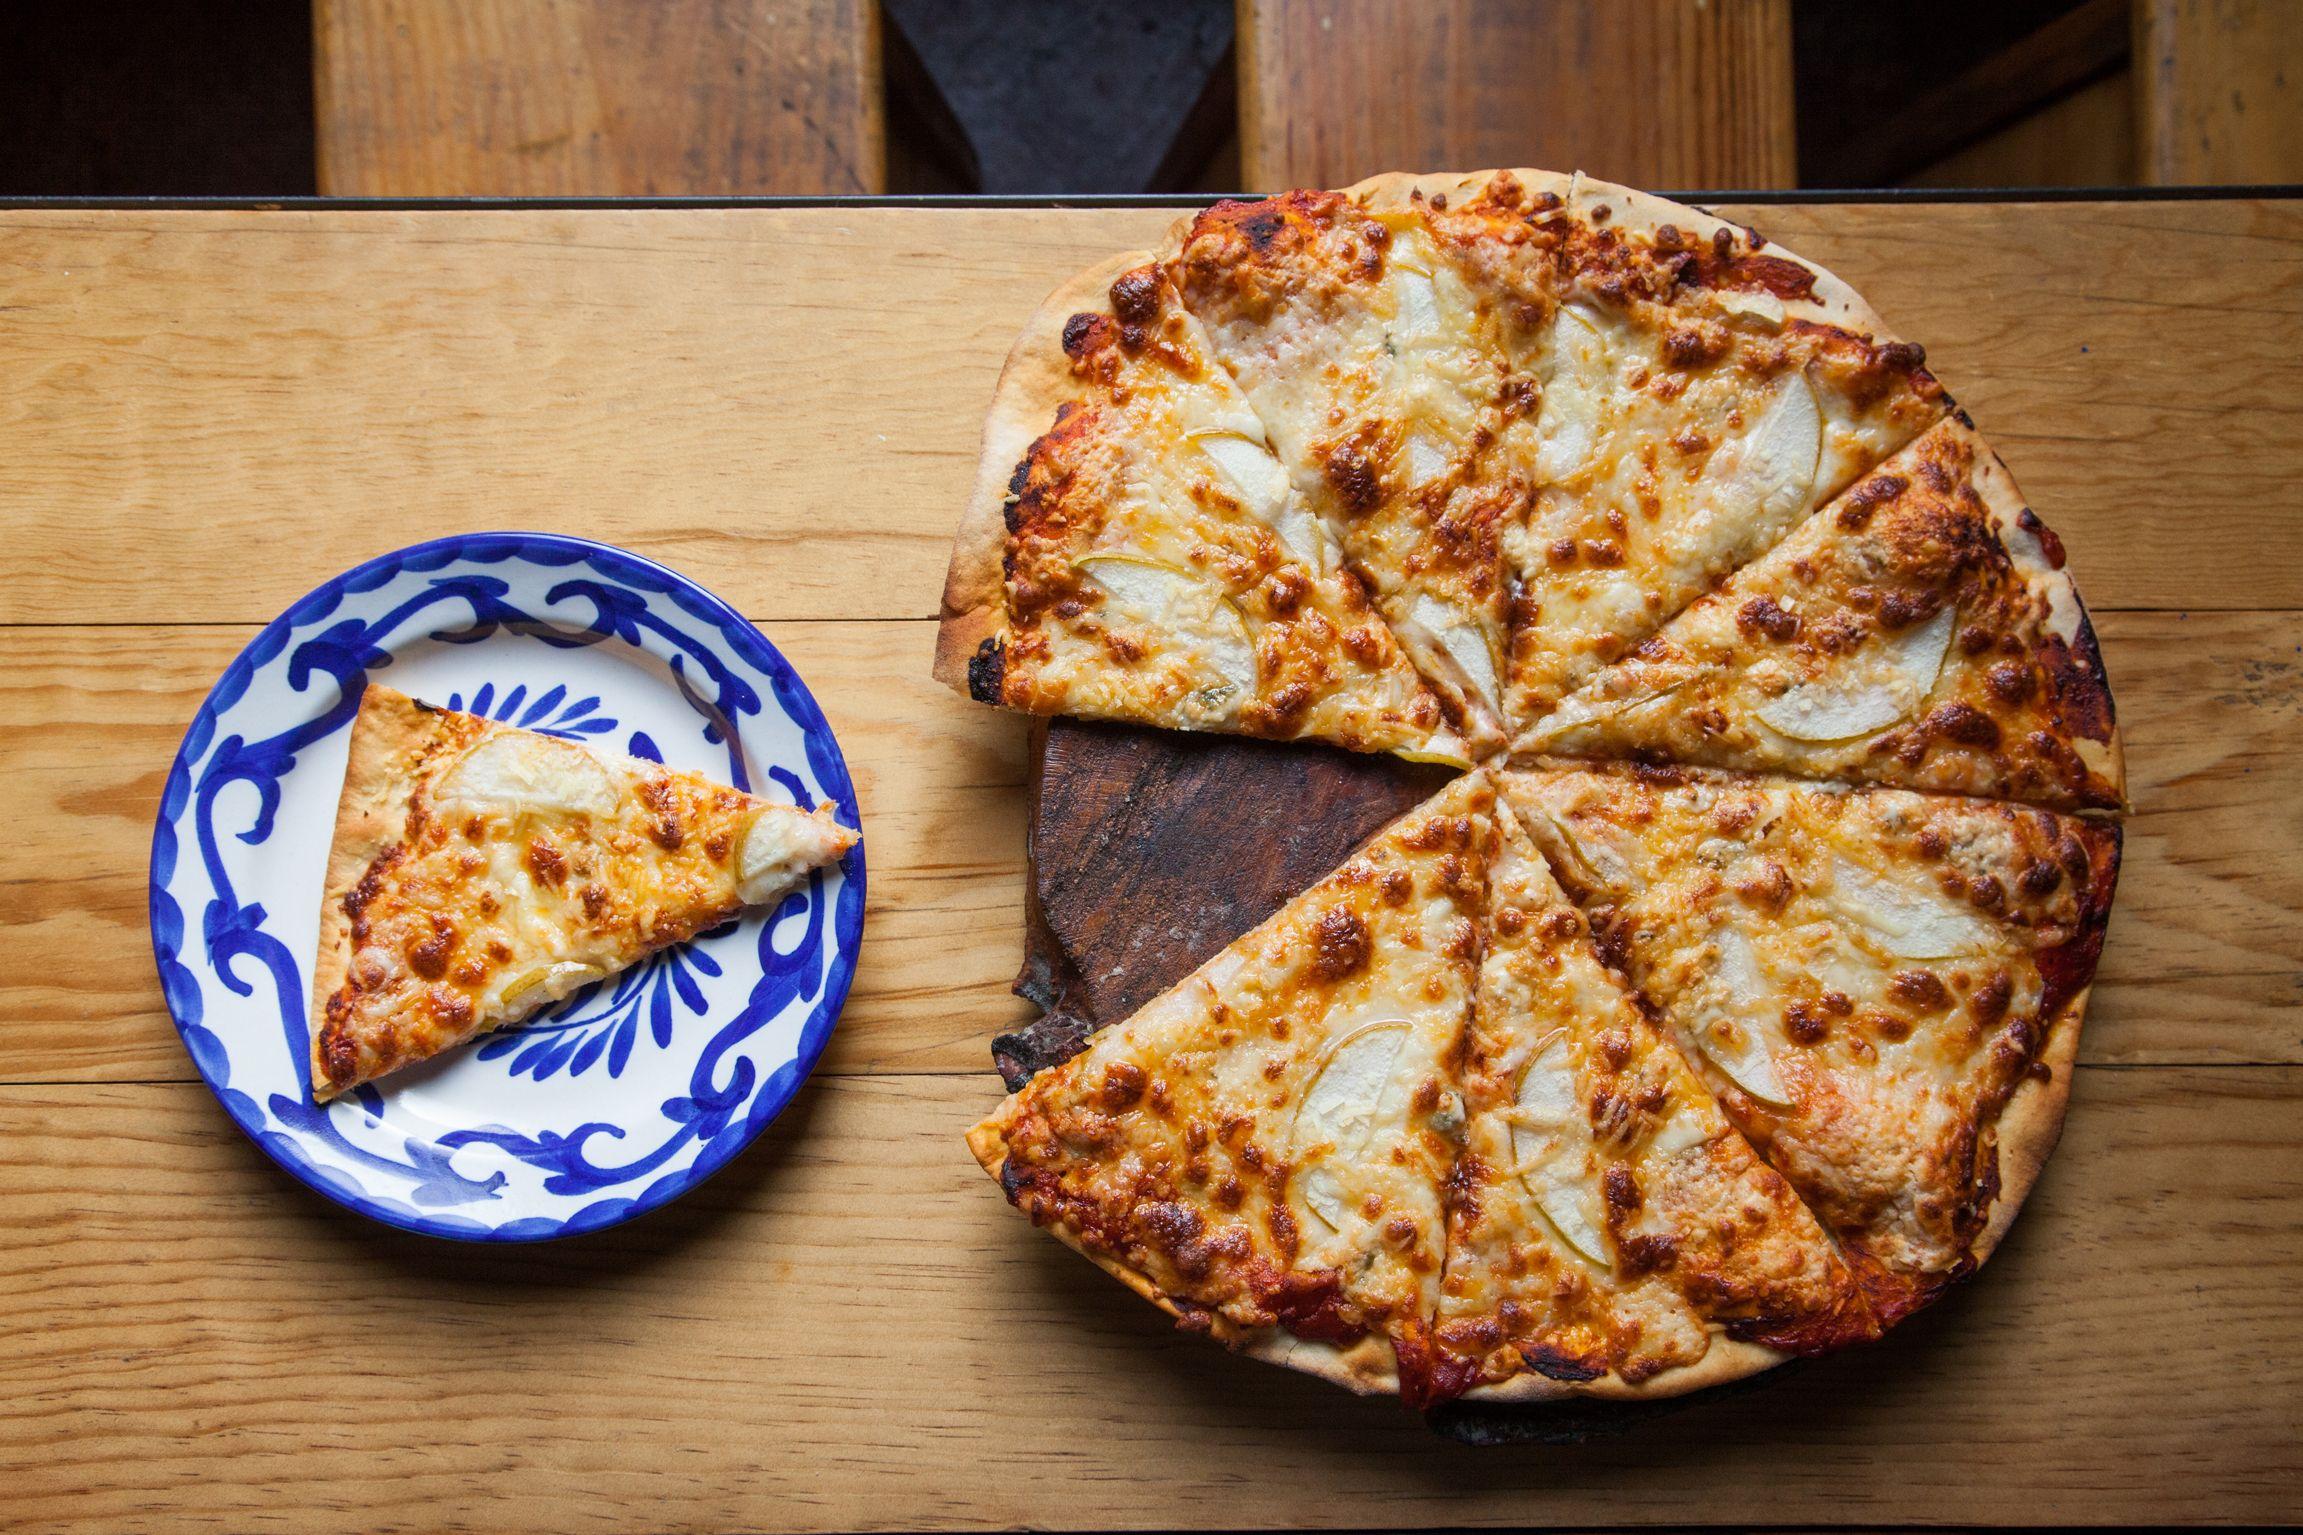 Las mejores pizzas de la CDMX | CDMX | Pinterest | Cdmx, Pizzas y ...